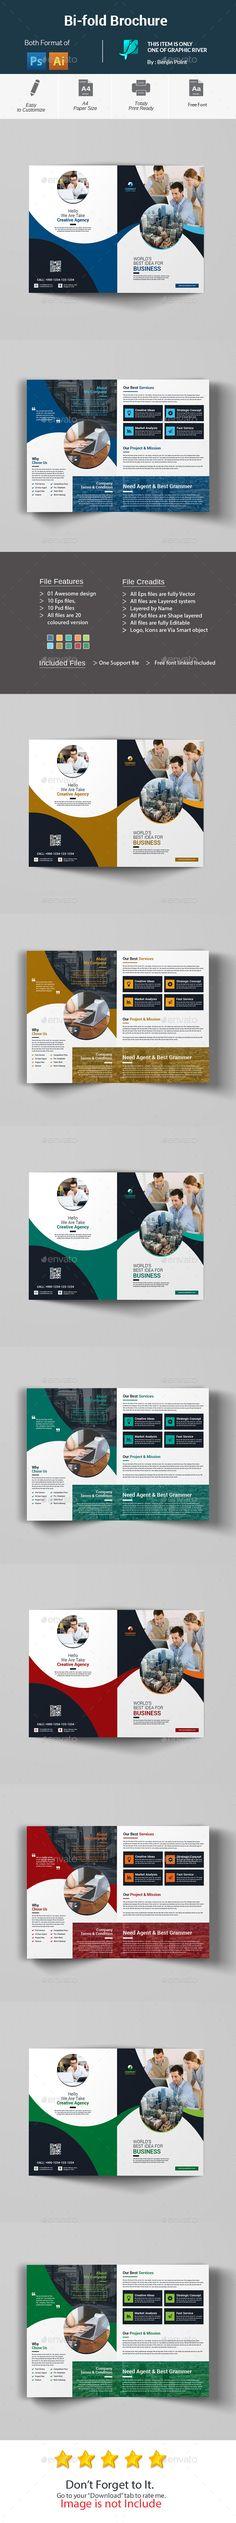 10 Best Tri-fold Brochure Design images in 2017 | Brochure